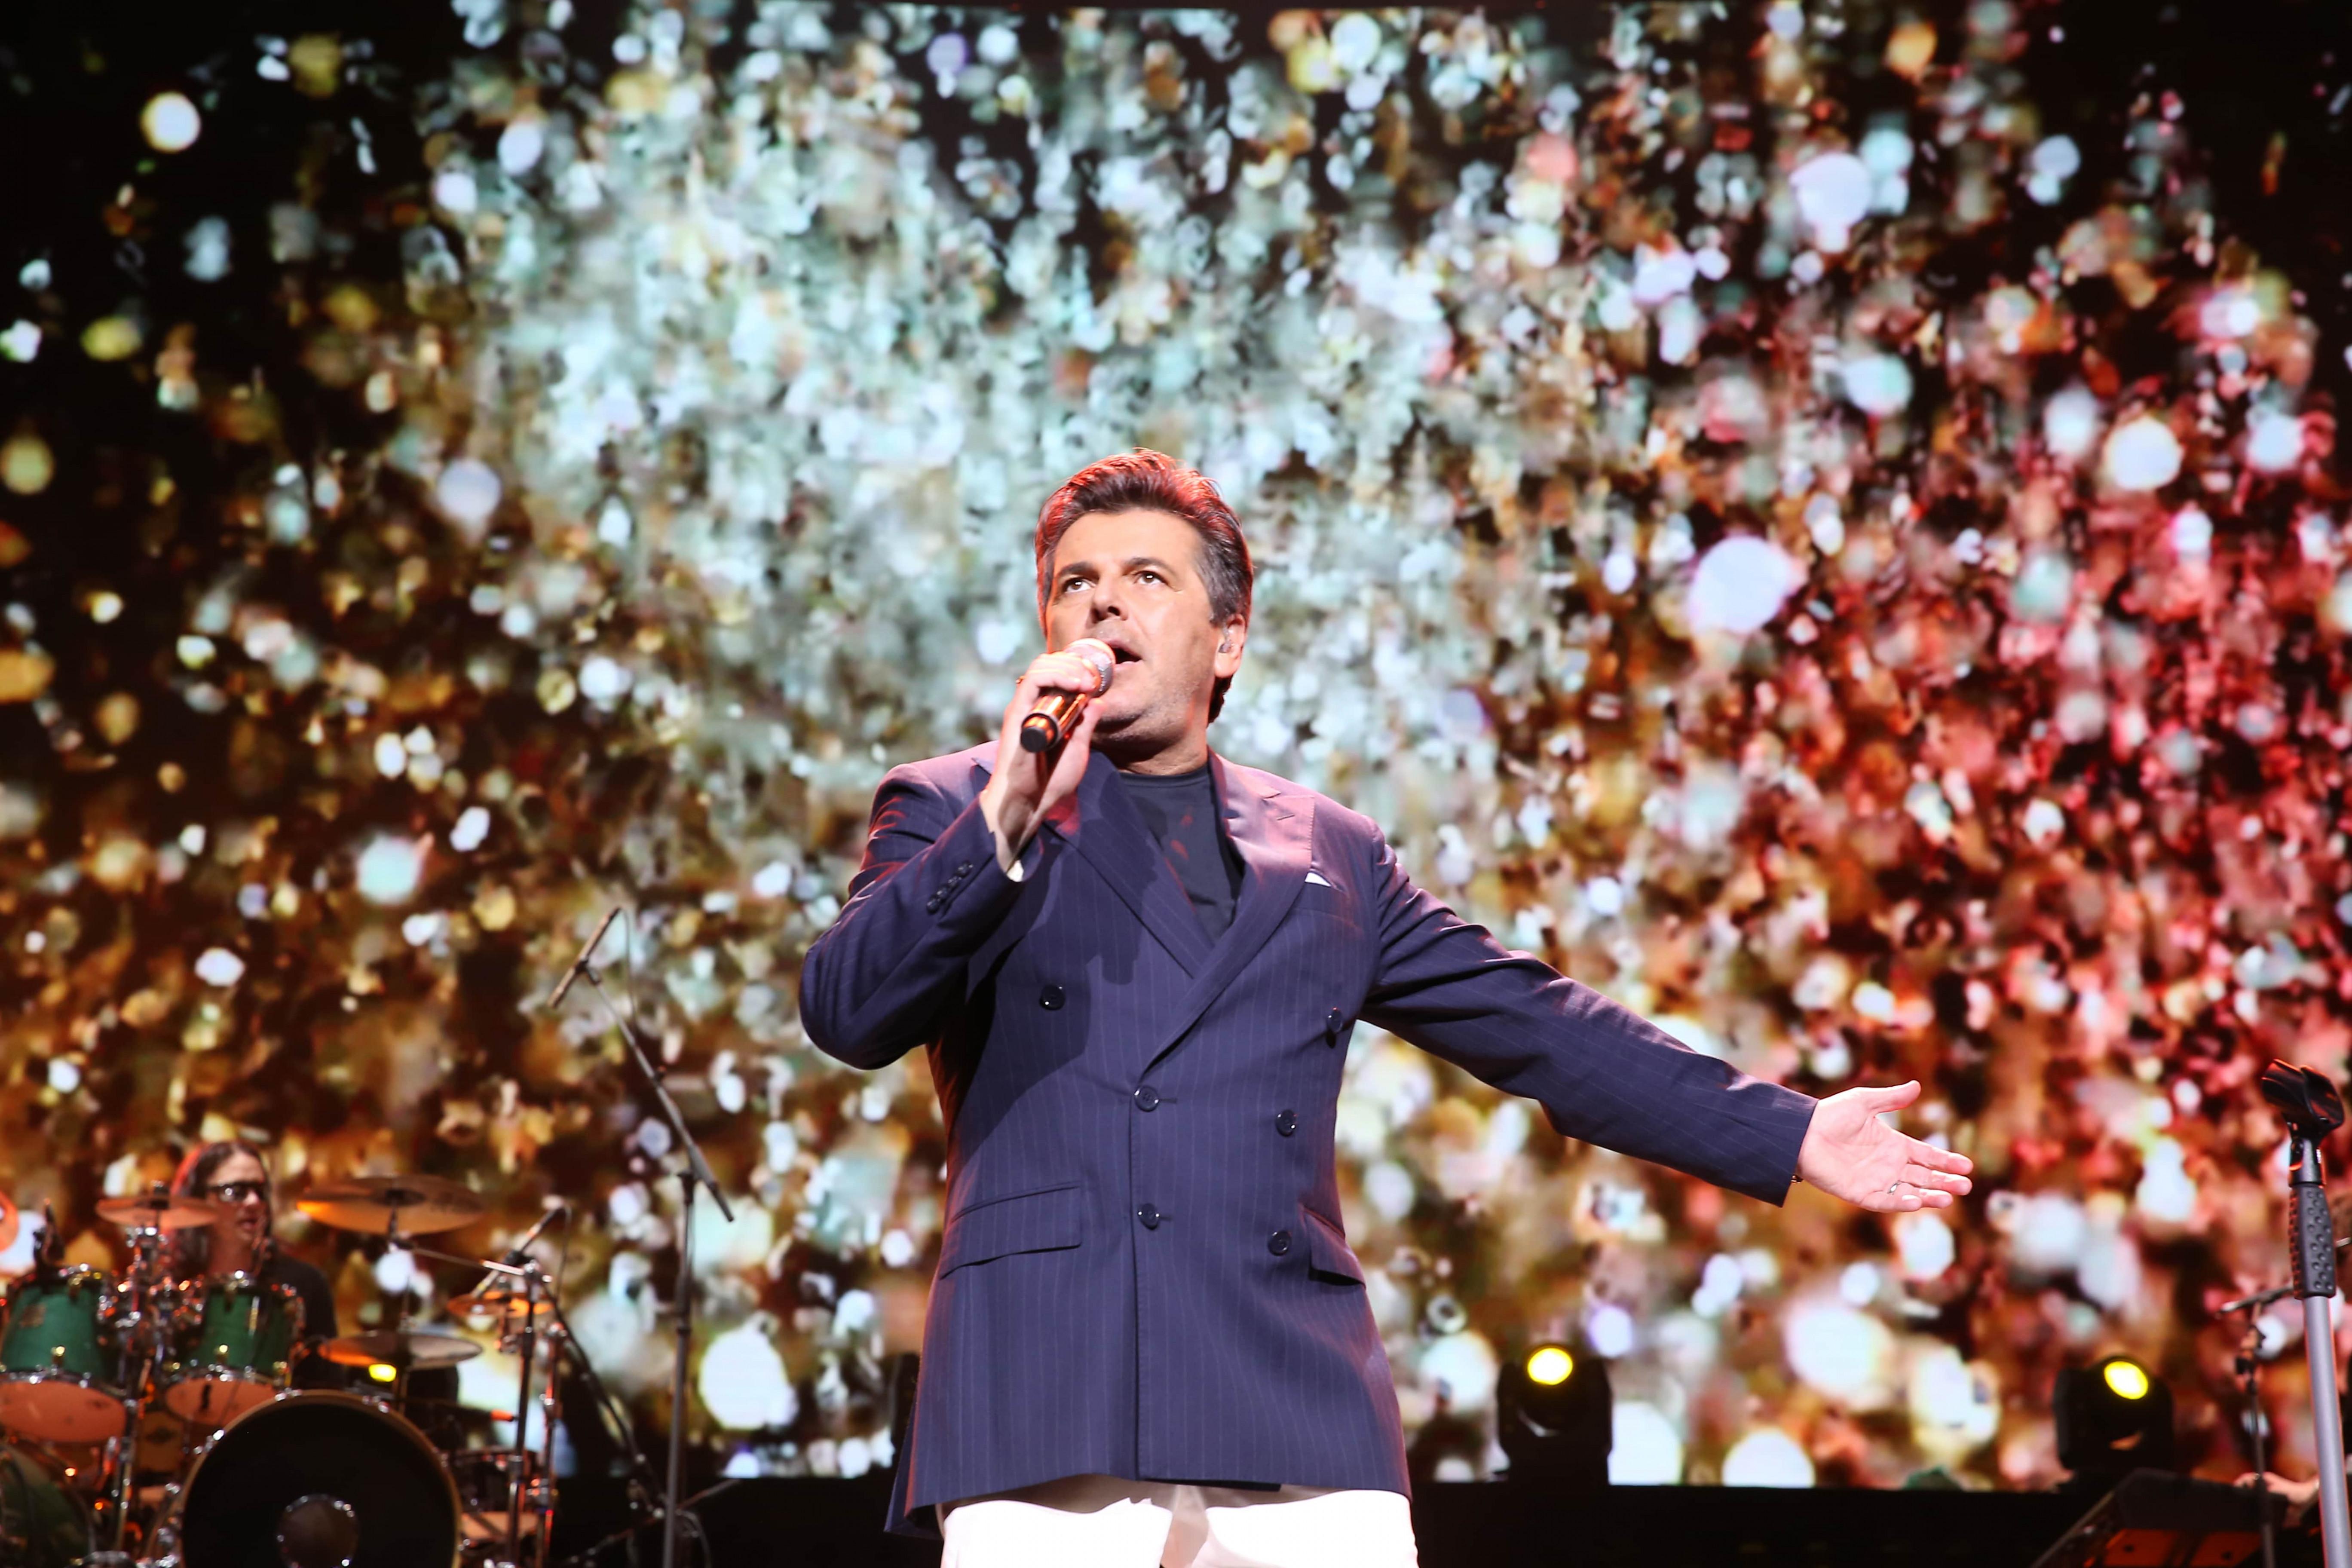 Dù ban nhạc Modern Talking đã tan rã từ năm 2003 và thiếu vắng thành viên Dieter Bohlen, màn trình diễn của Thomas Anders vẫn đủ khiến nhiều người được trở về với không gian âm nhạc thân thuộc của thập niên 1980.